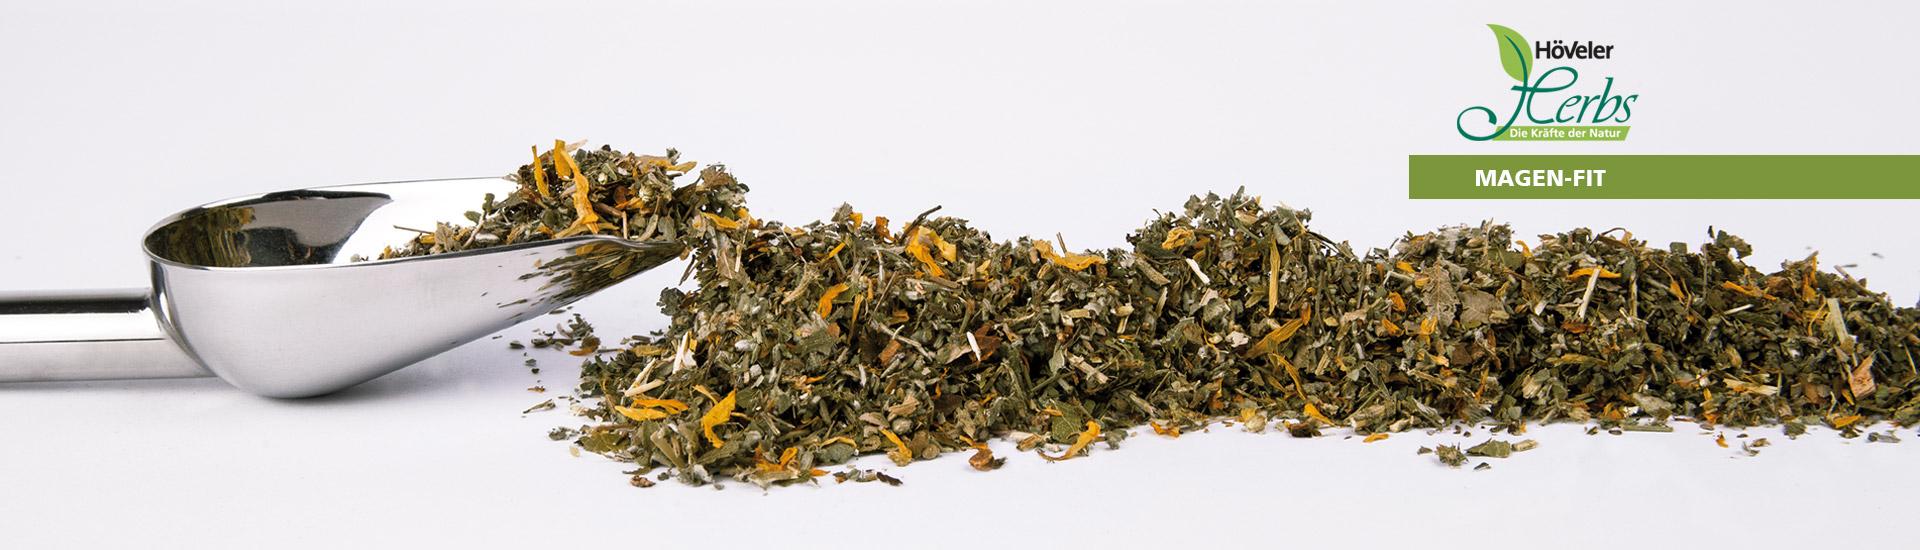 herbs-magen-fit